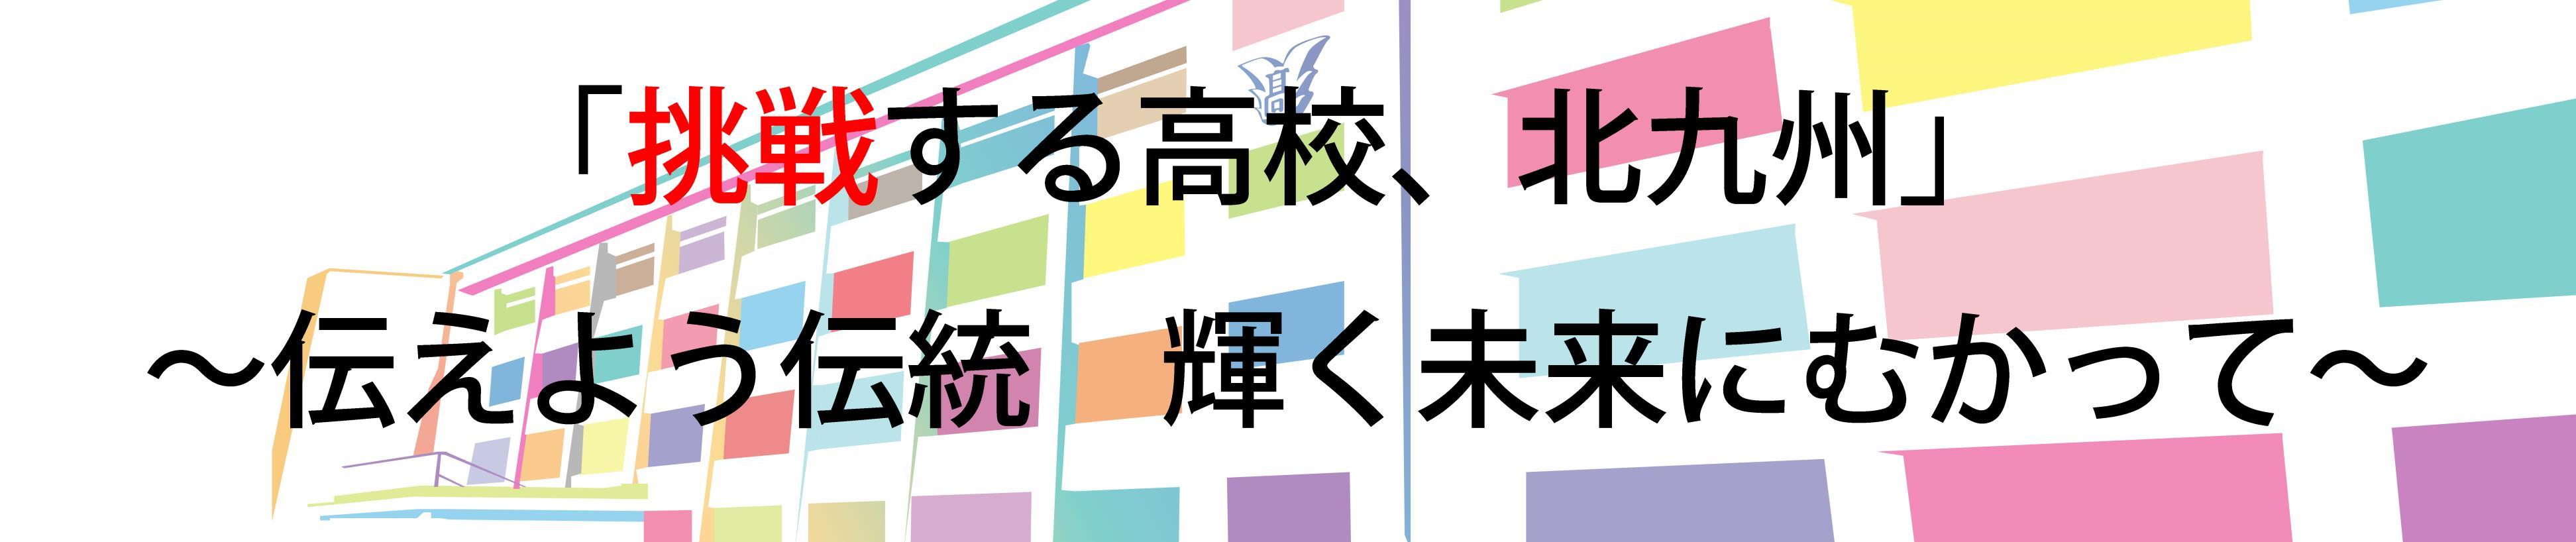 ライン 入試 県 合格 福岡 2020 高校 公立